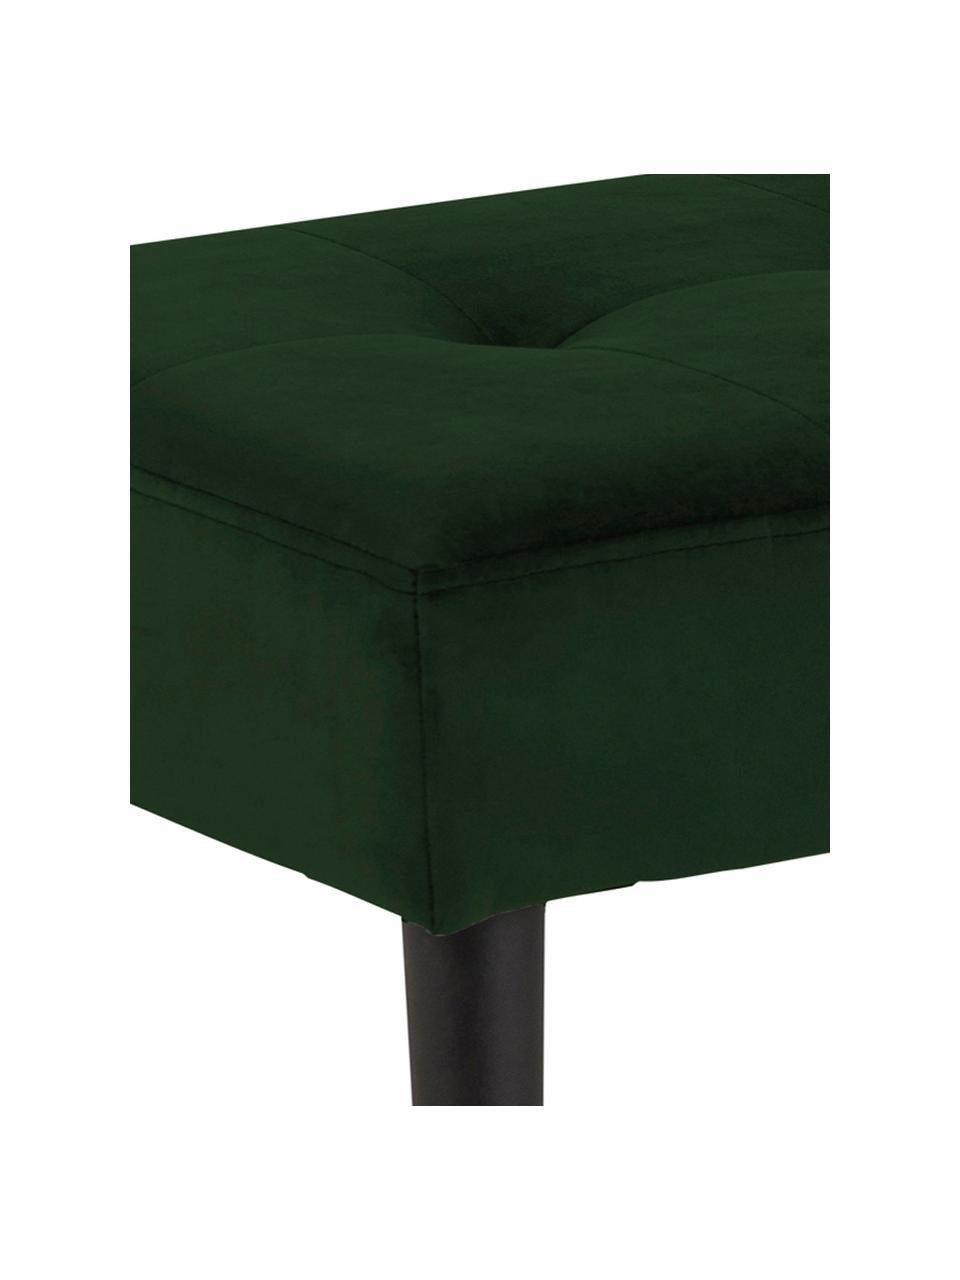 Ławka tapicerowana z aksamitu Glory, Tapicerka: aksamit poliestrowy 2500, Stelaż: metal malowany proszkowo, Ciemny zielony, S 95 x W 45 cm